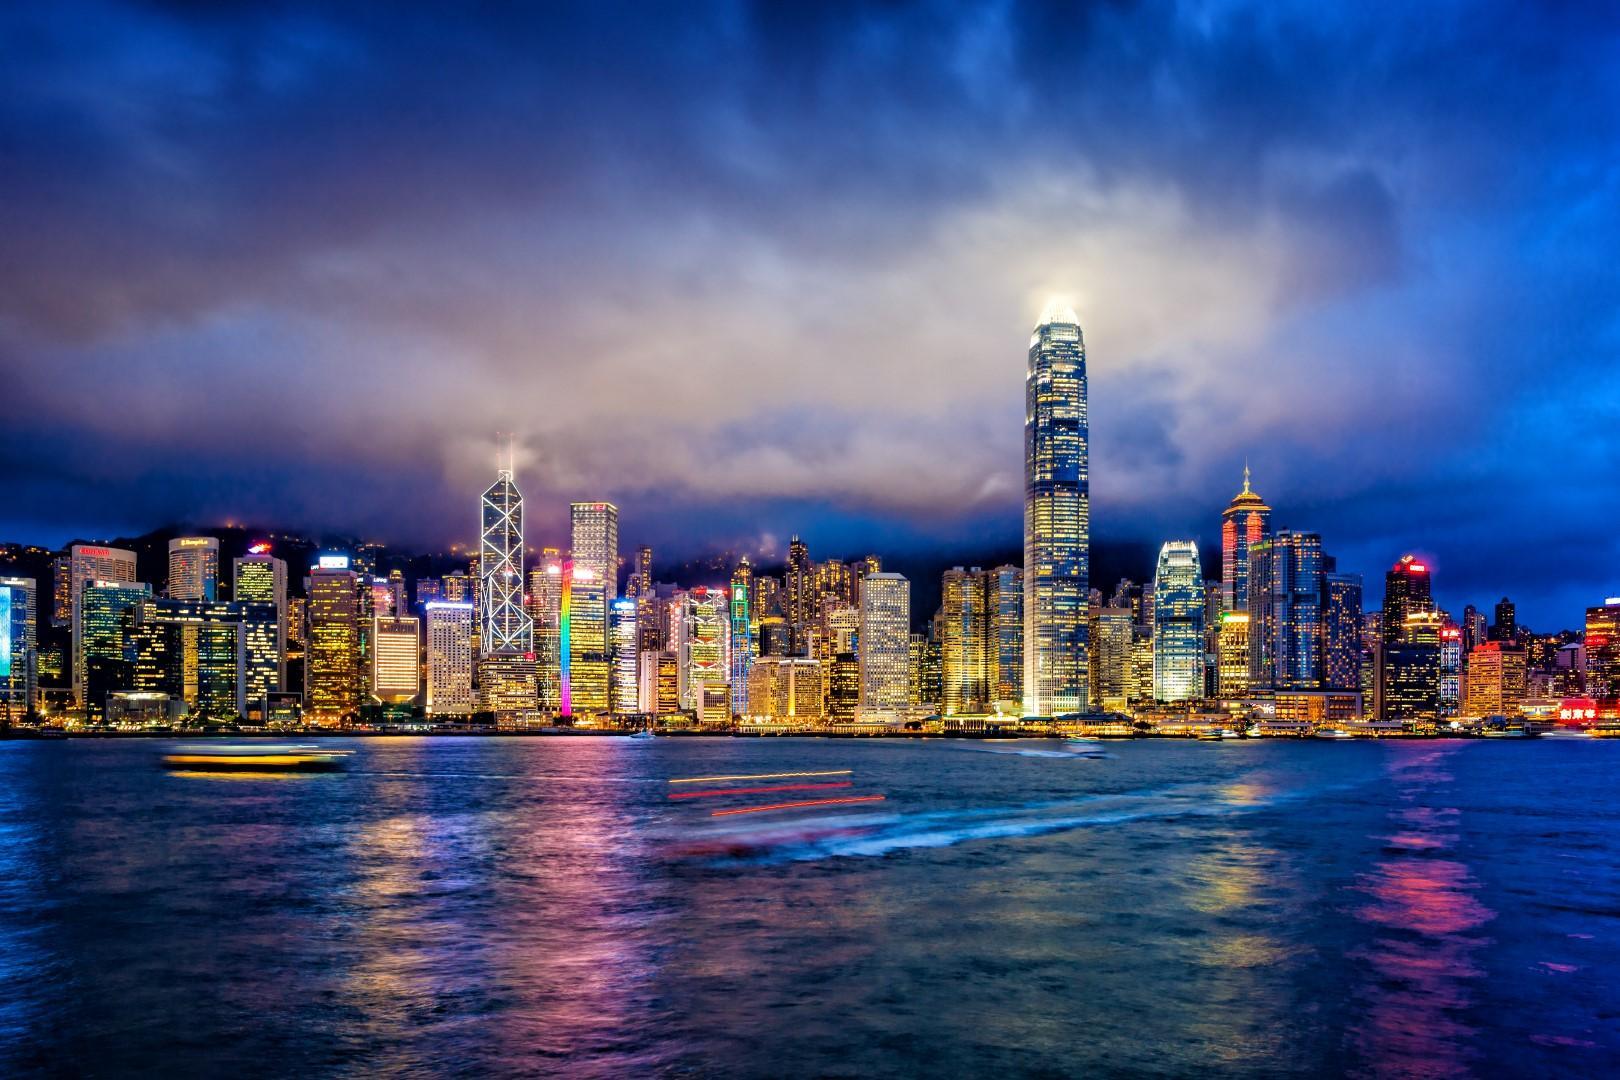 Le città più visitate al mondo: la Top10